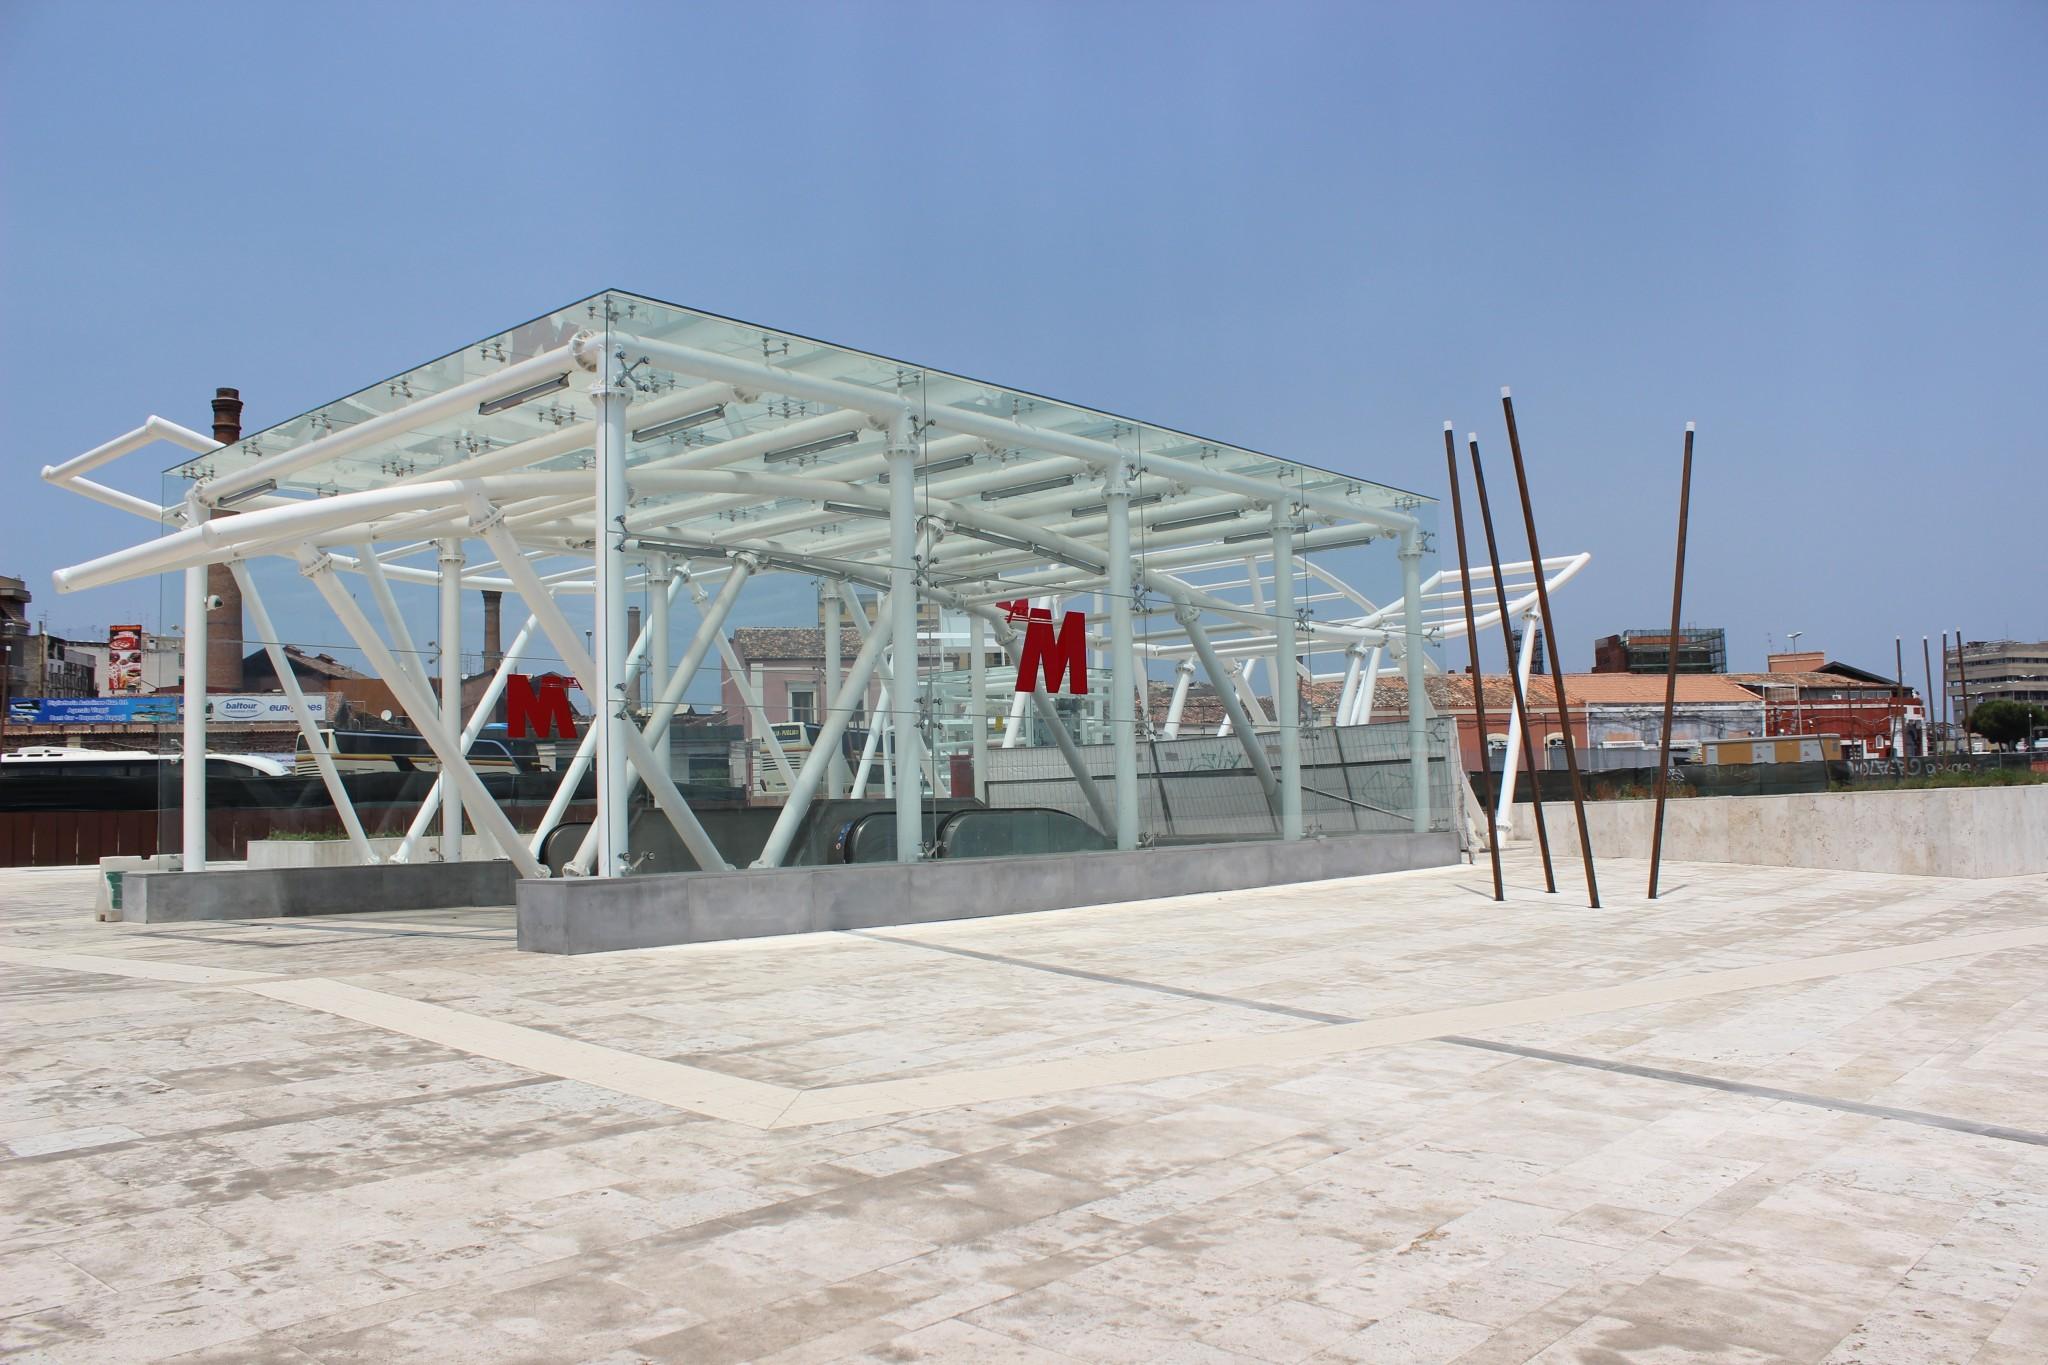 Stazione Giovanni XXIII: spazio urbano ingresso centrale